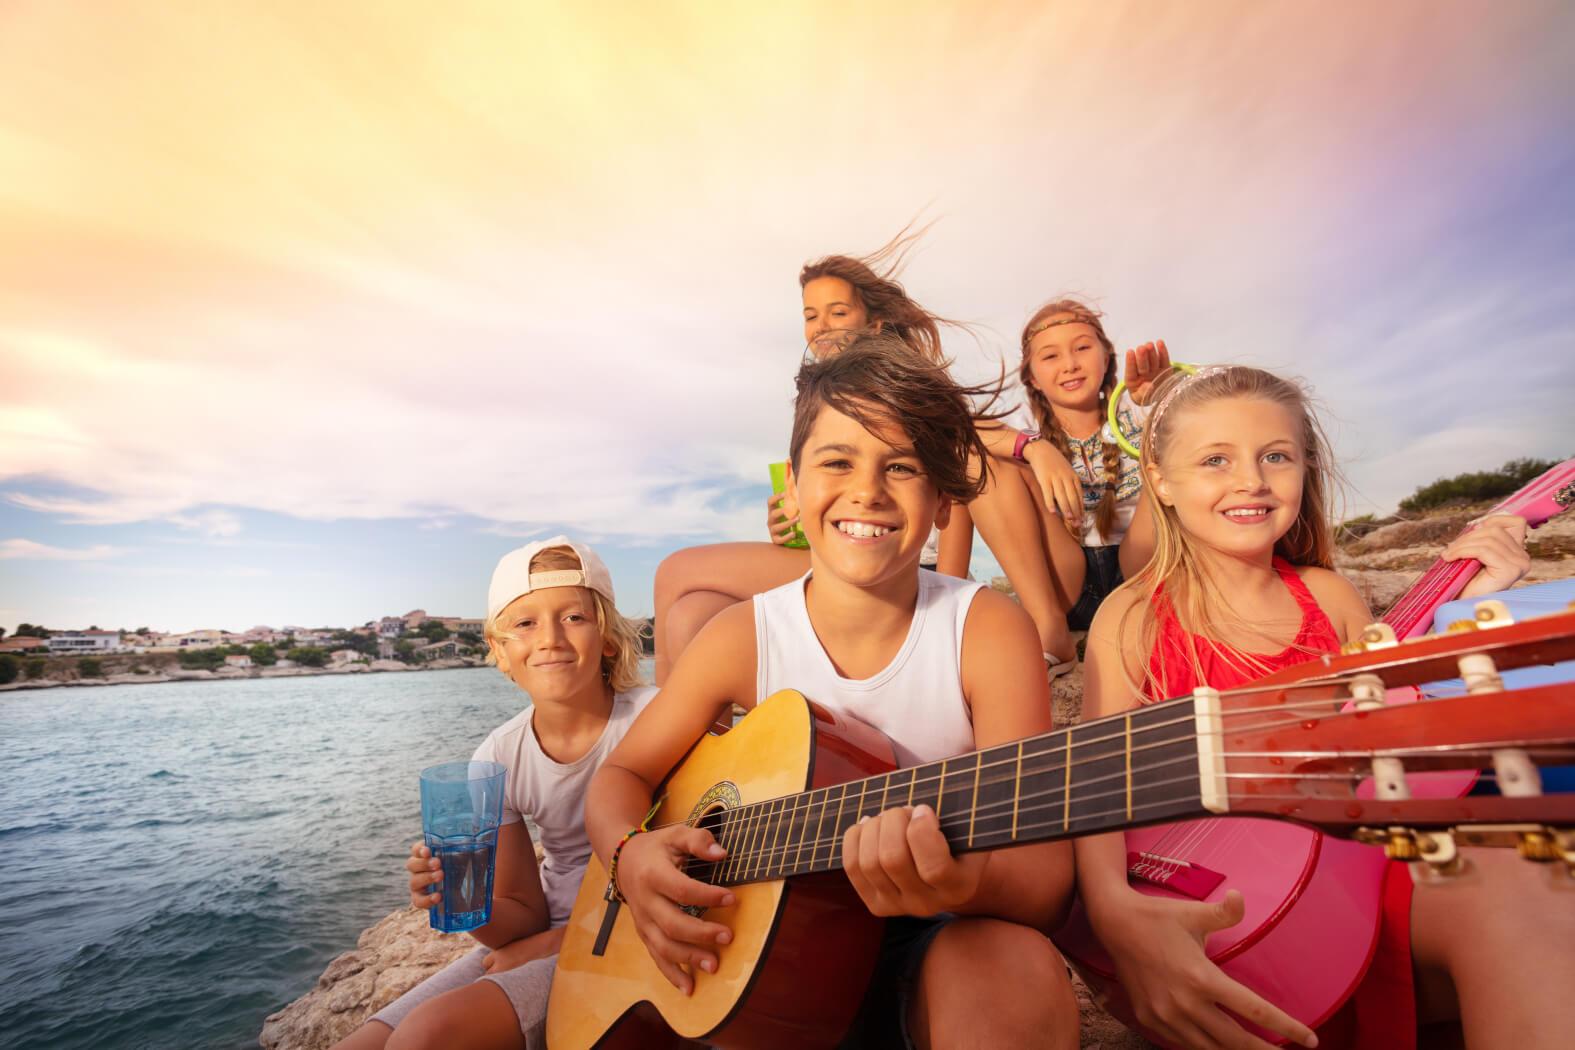 unterrichtsfreie-zeit-an-der-gitarre